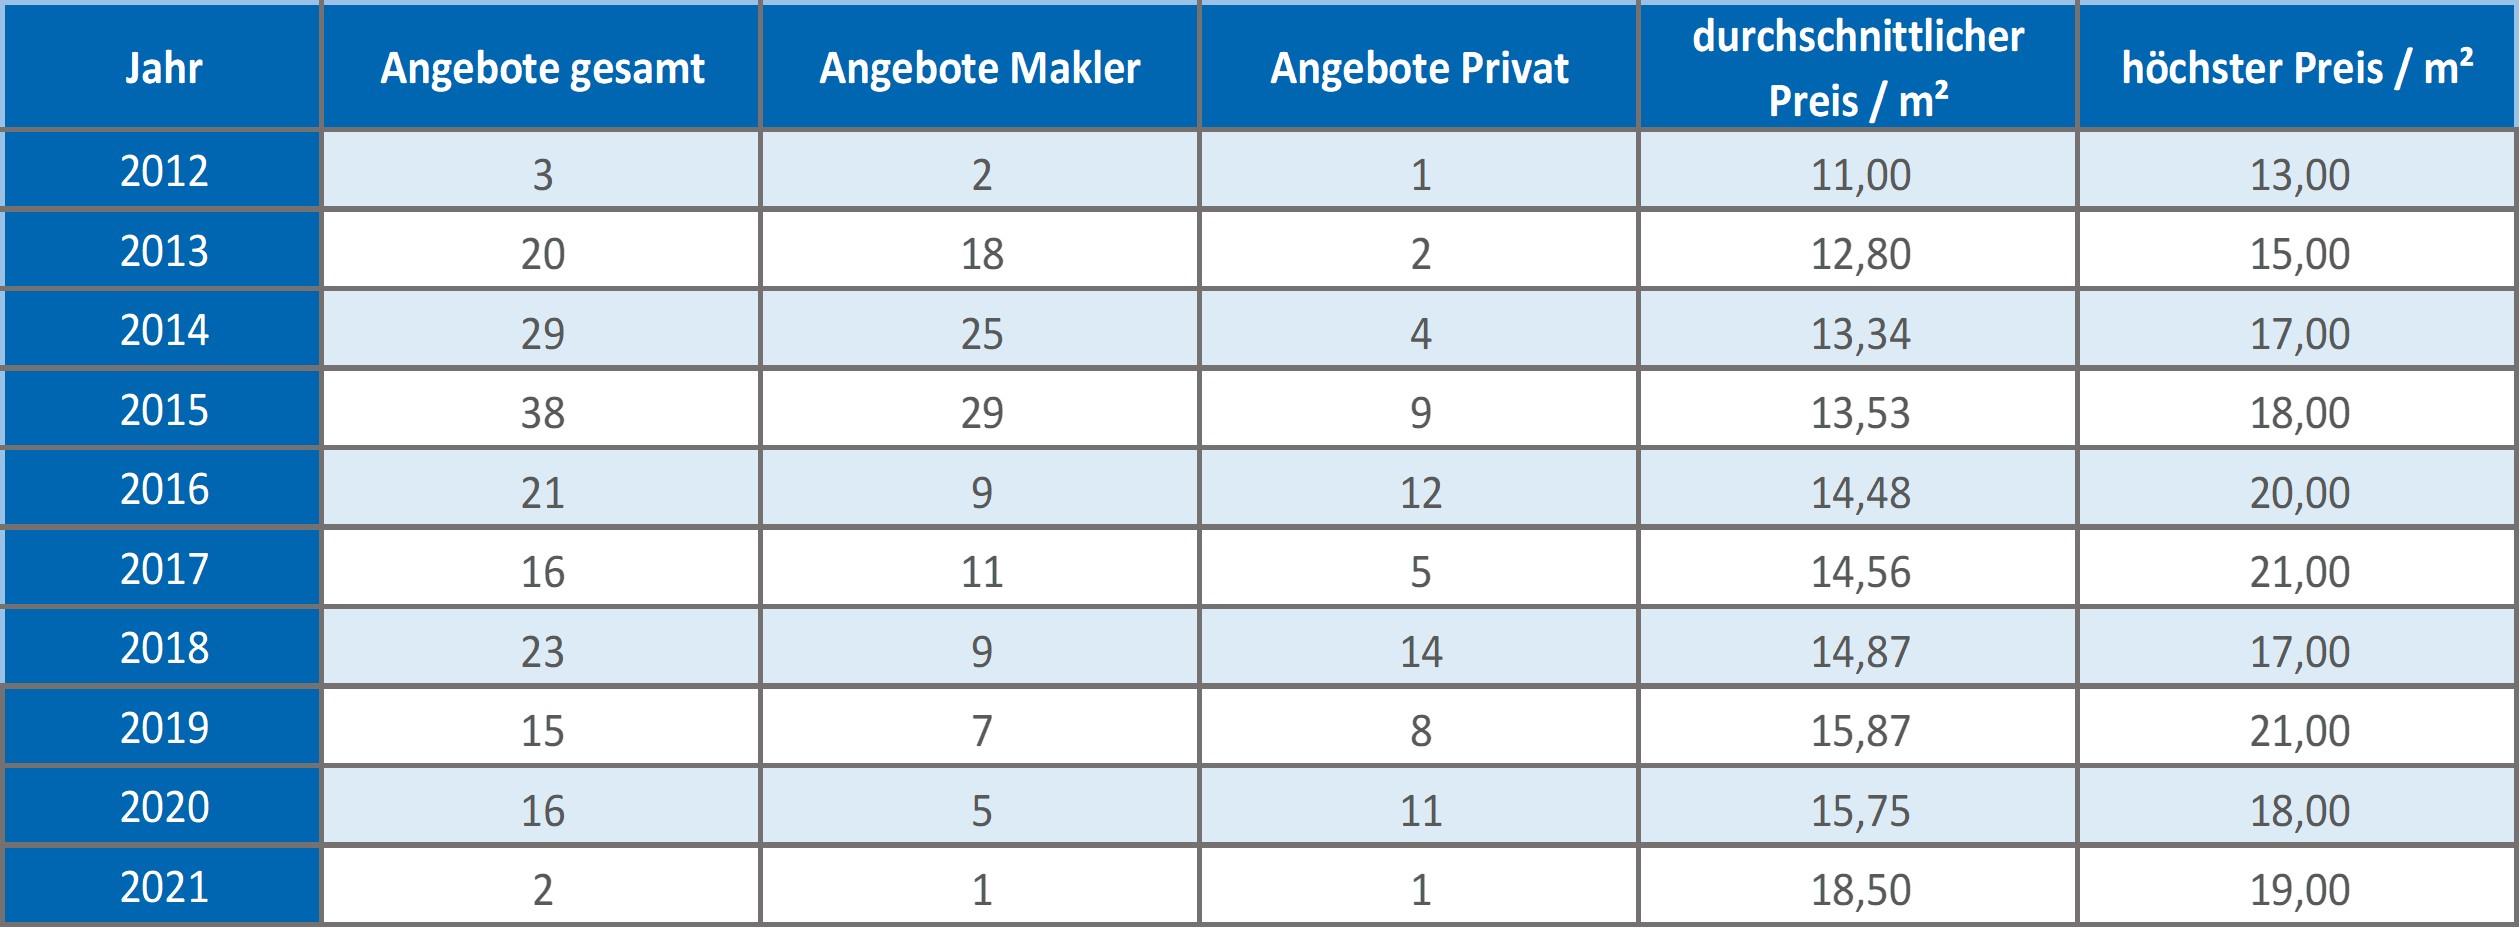 Neuried Wohnung mieten vermieten Preis Bewertung Makler www.happy-immo.de 2019 2020 2021